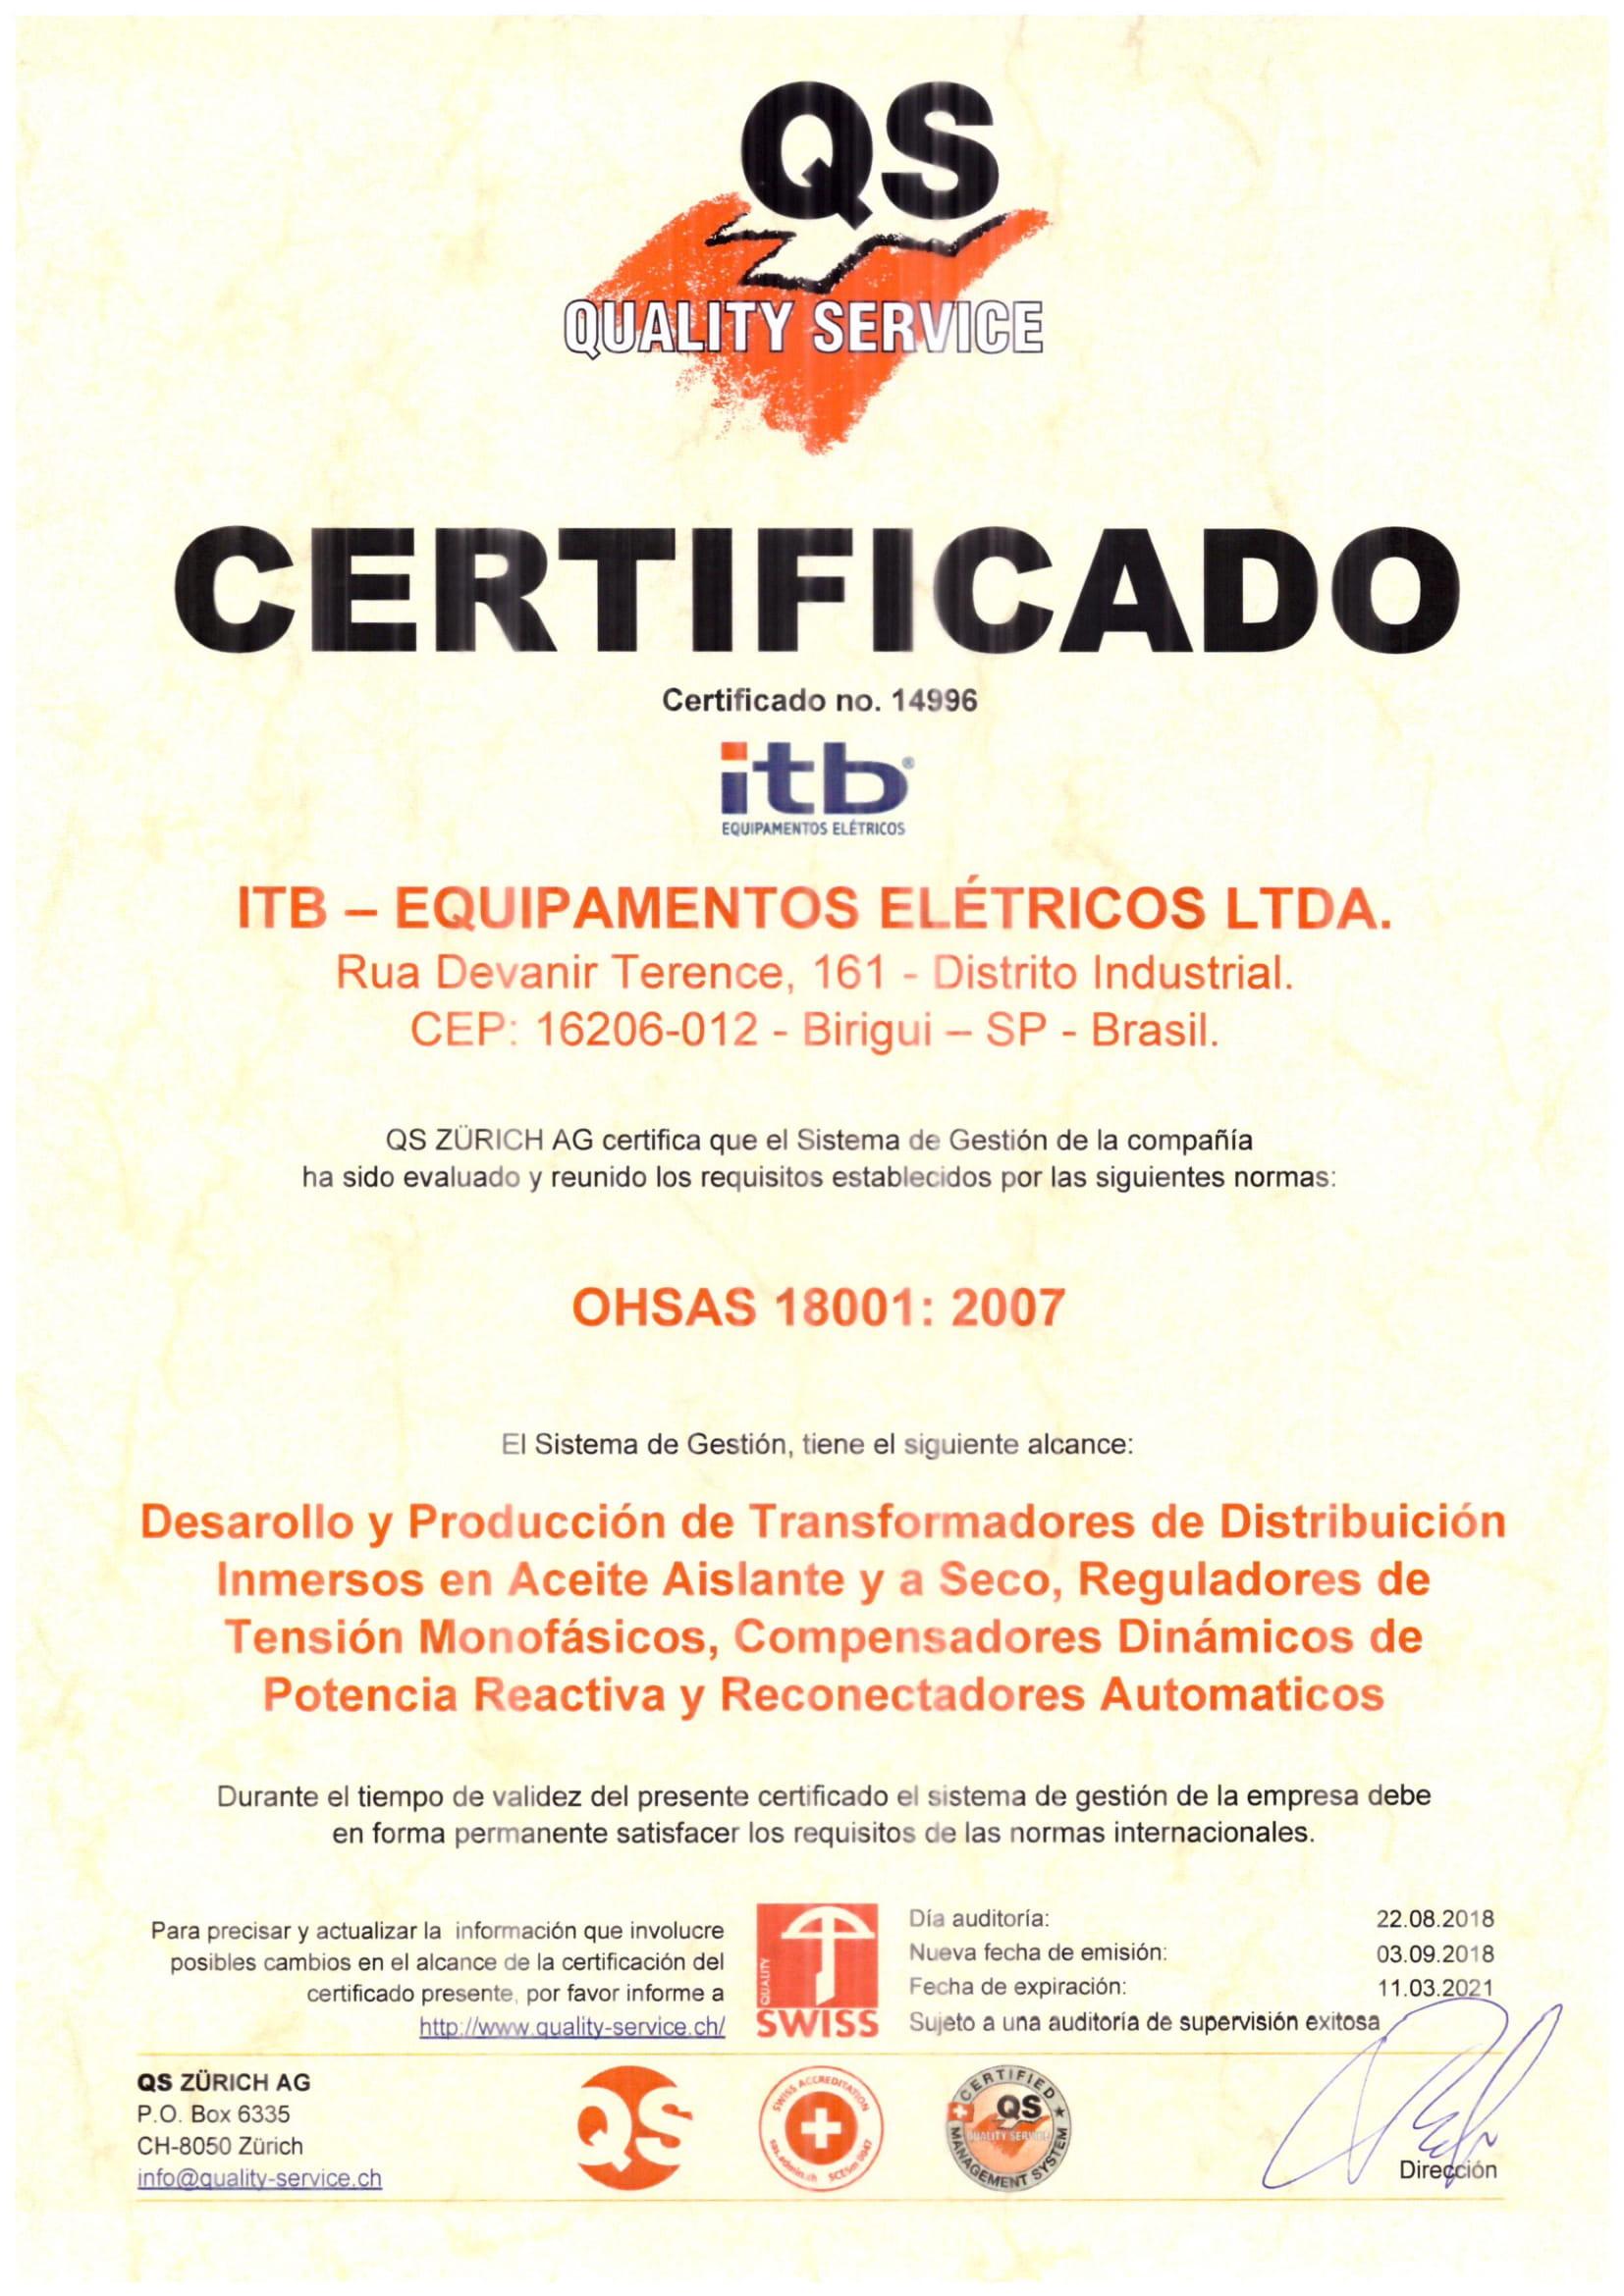 certificado-ohsas-18001-itb-transformadores